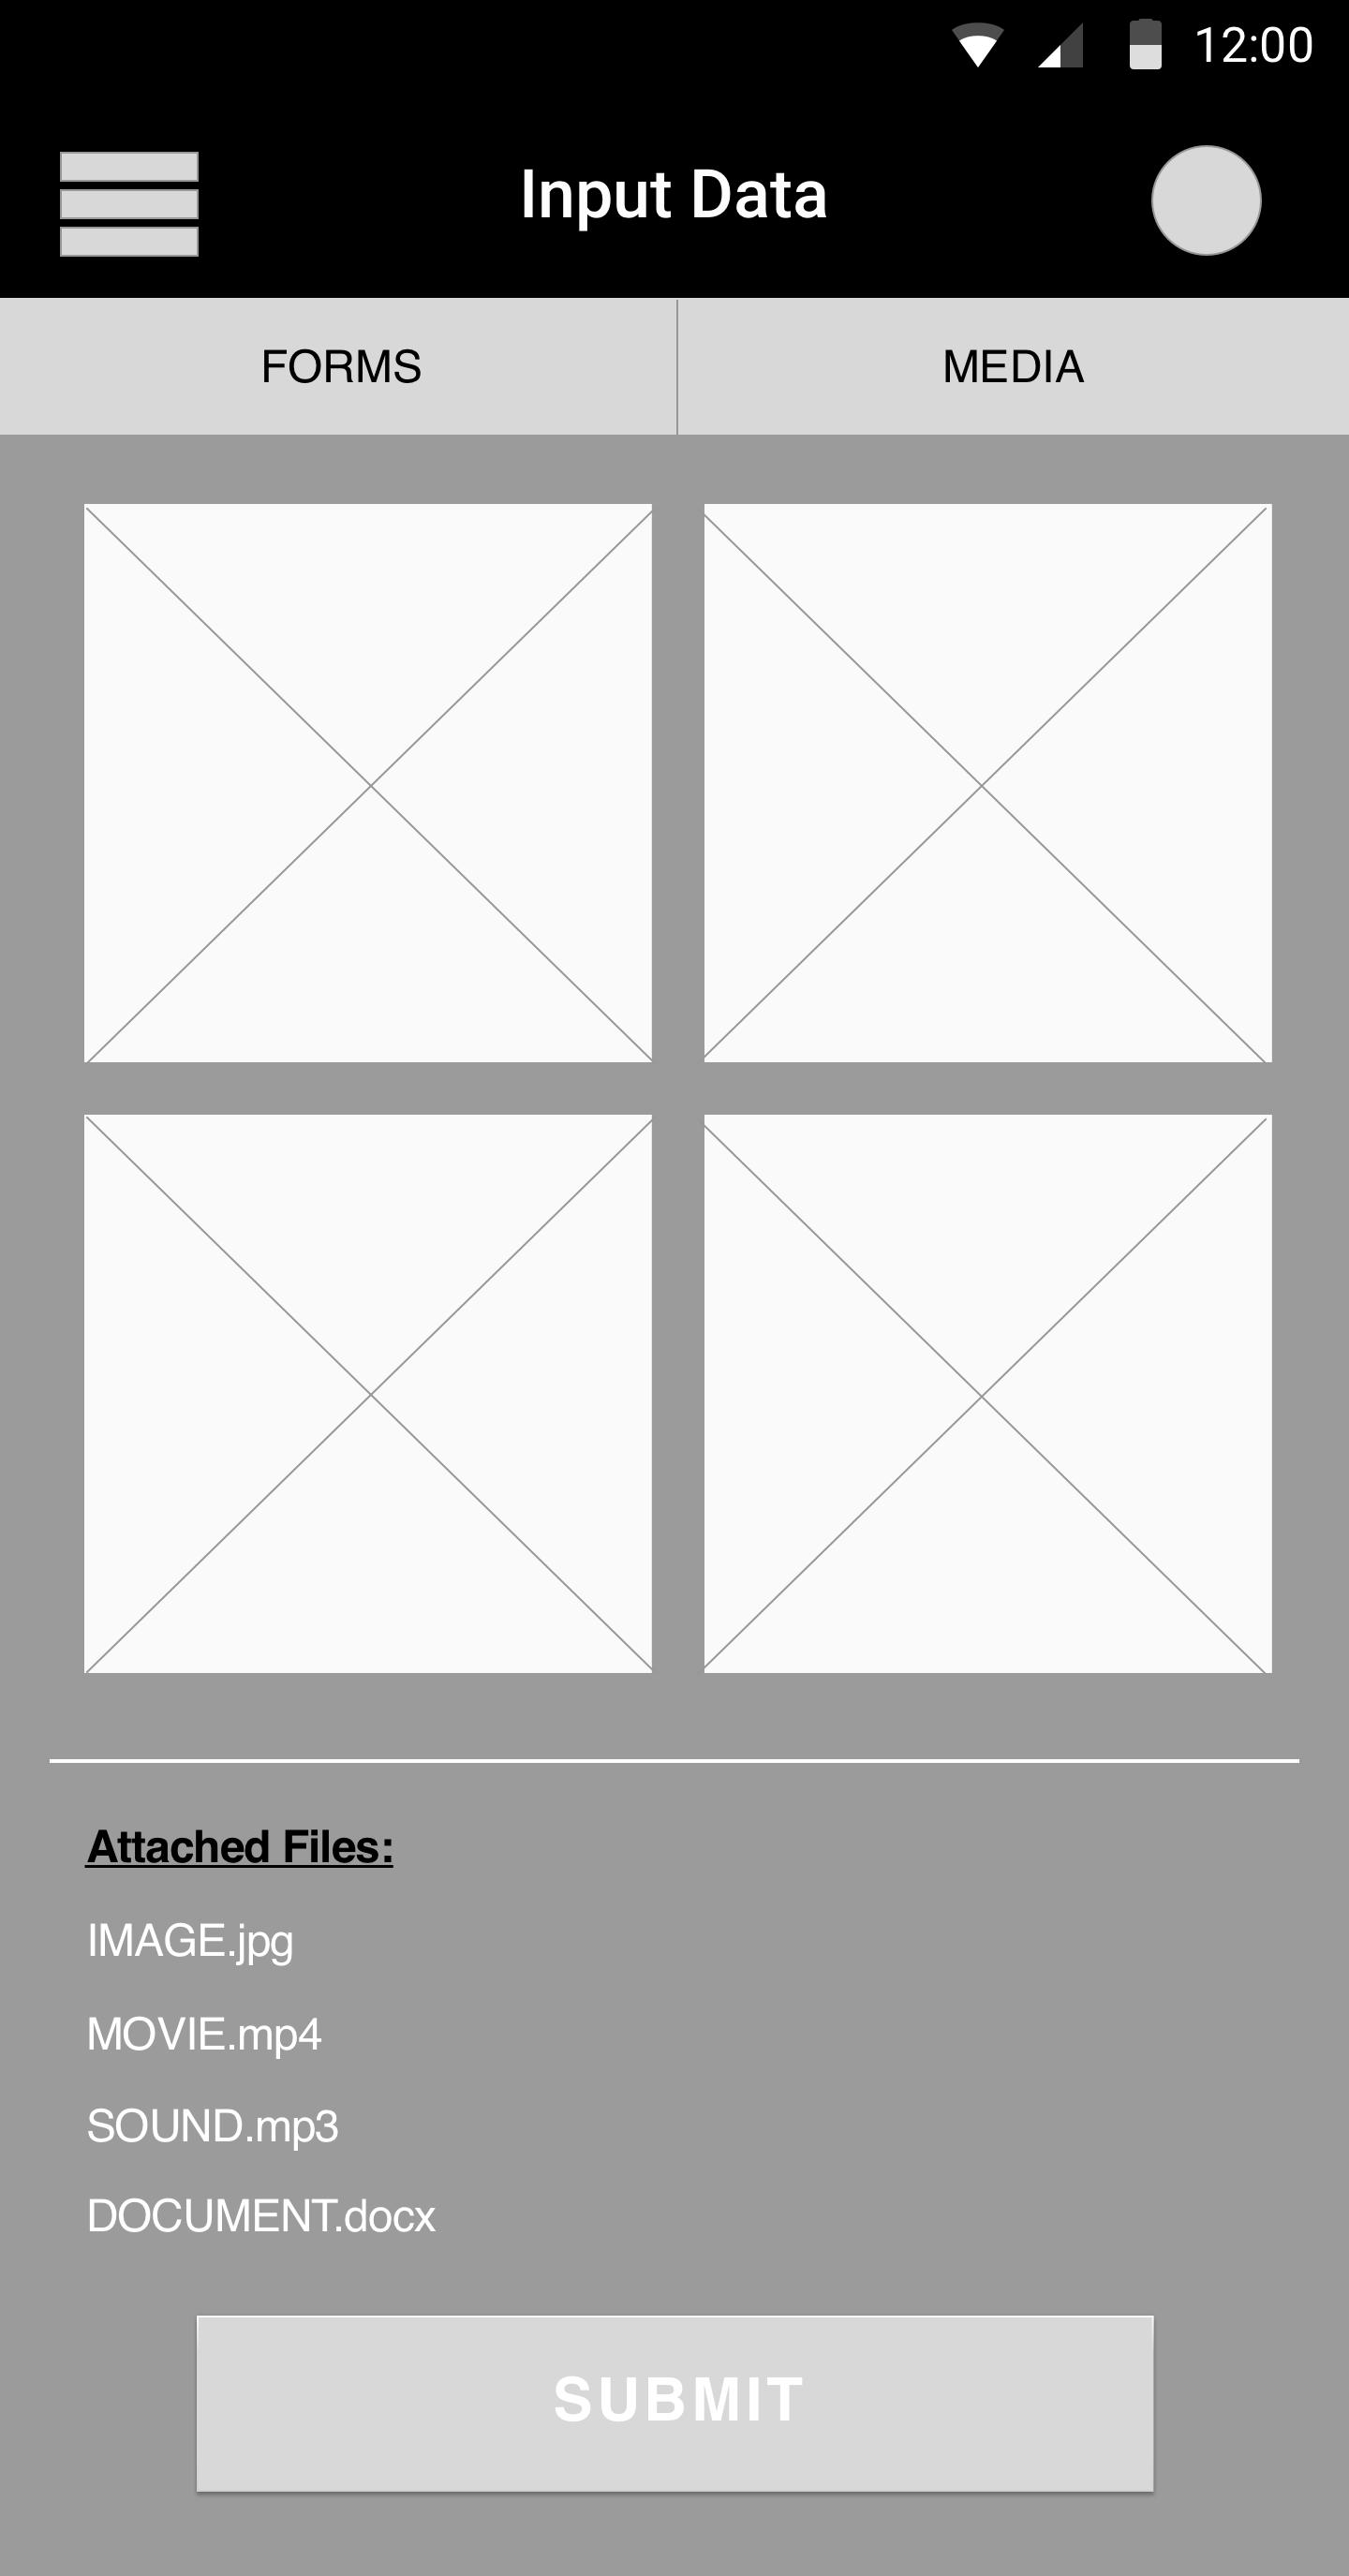 'Input Data' Screen